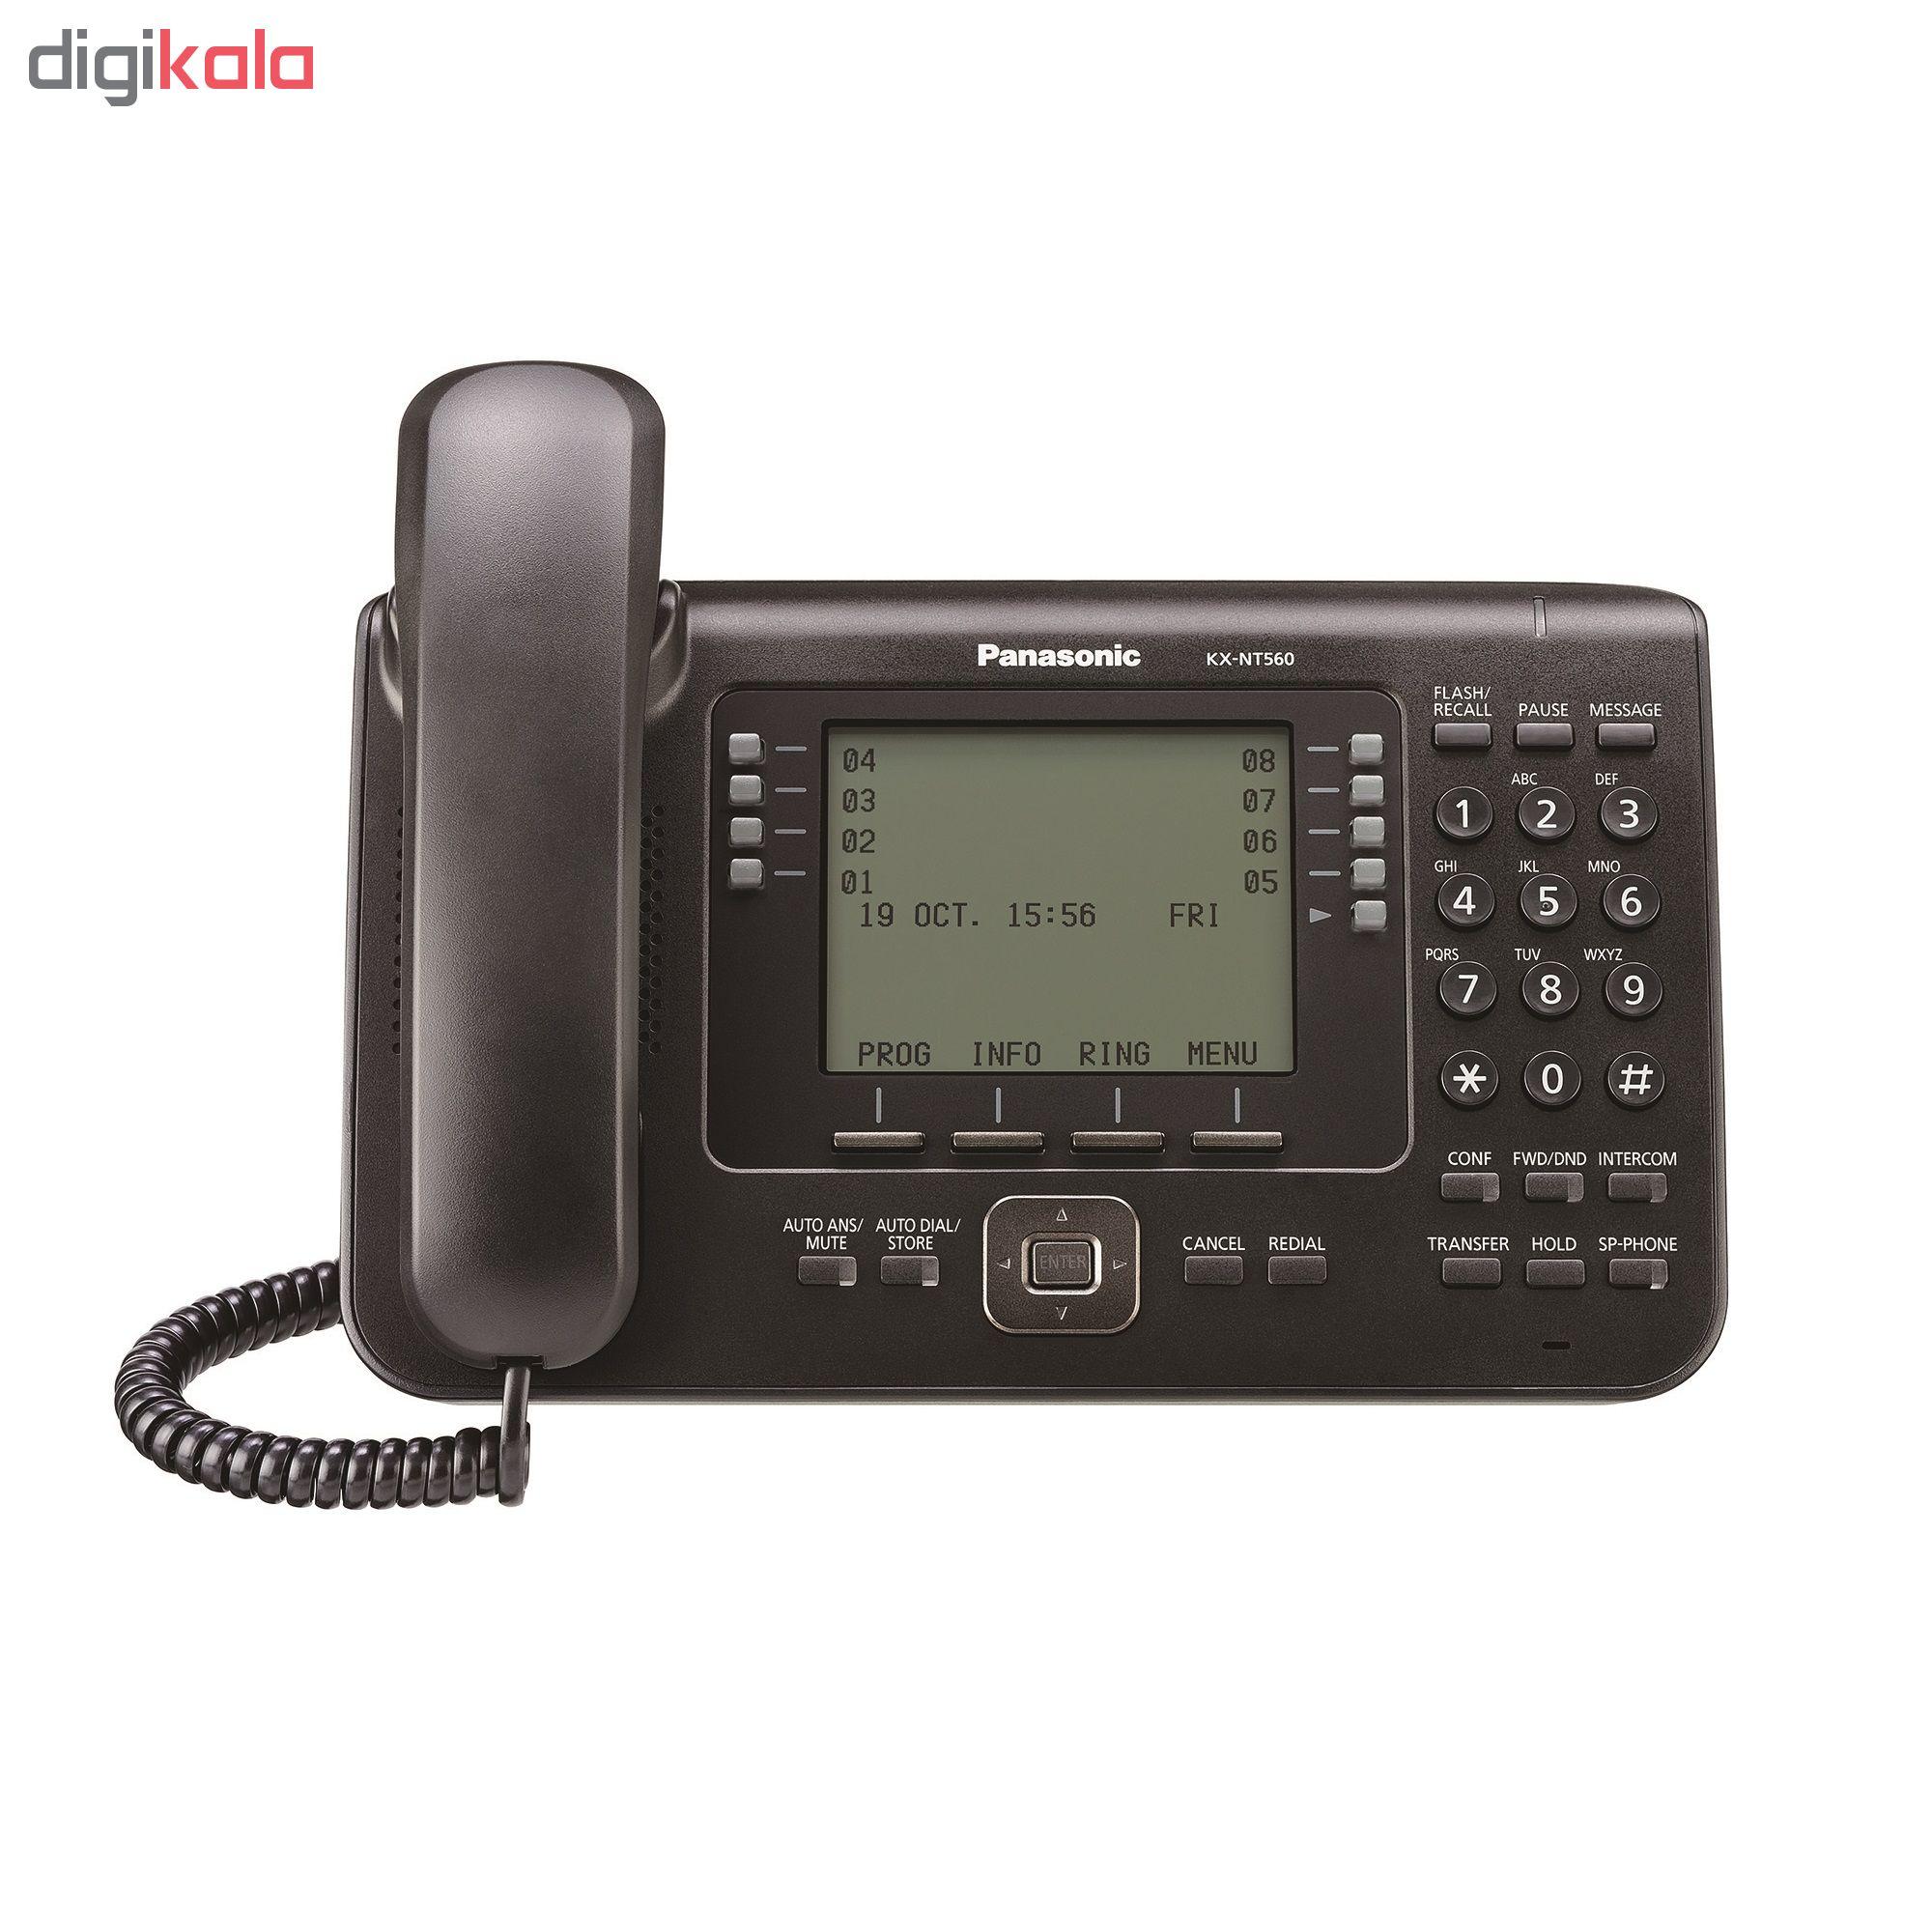 قیمت                      تلفن تحت شبکه پاناسونیک مدل KX-NT560